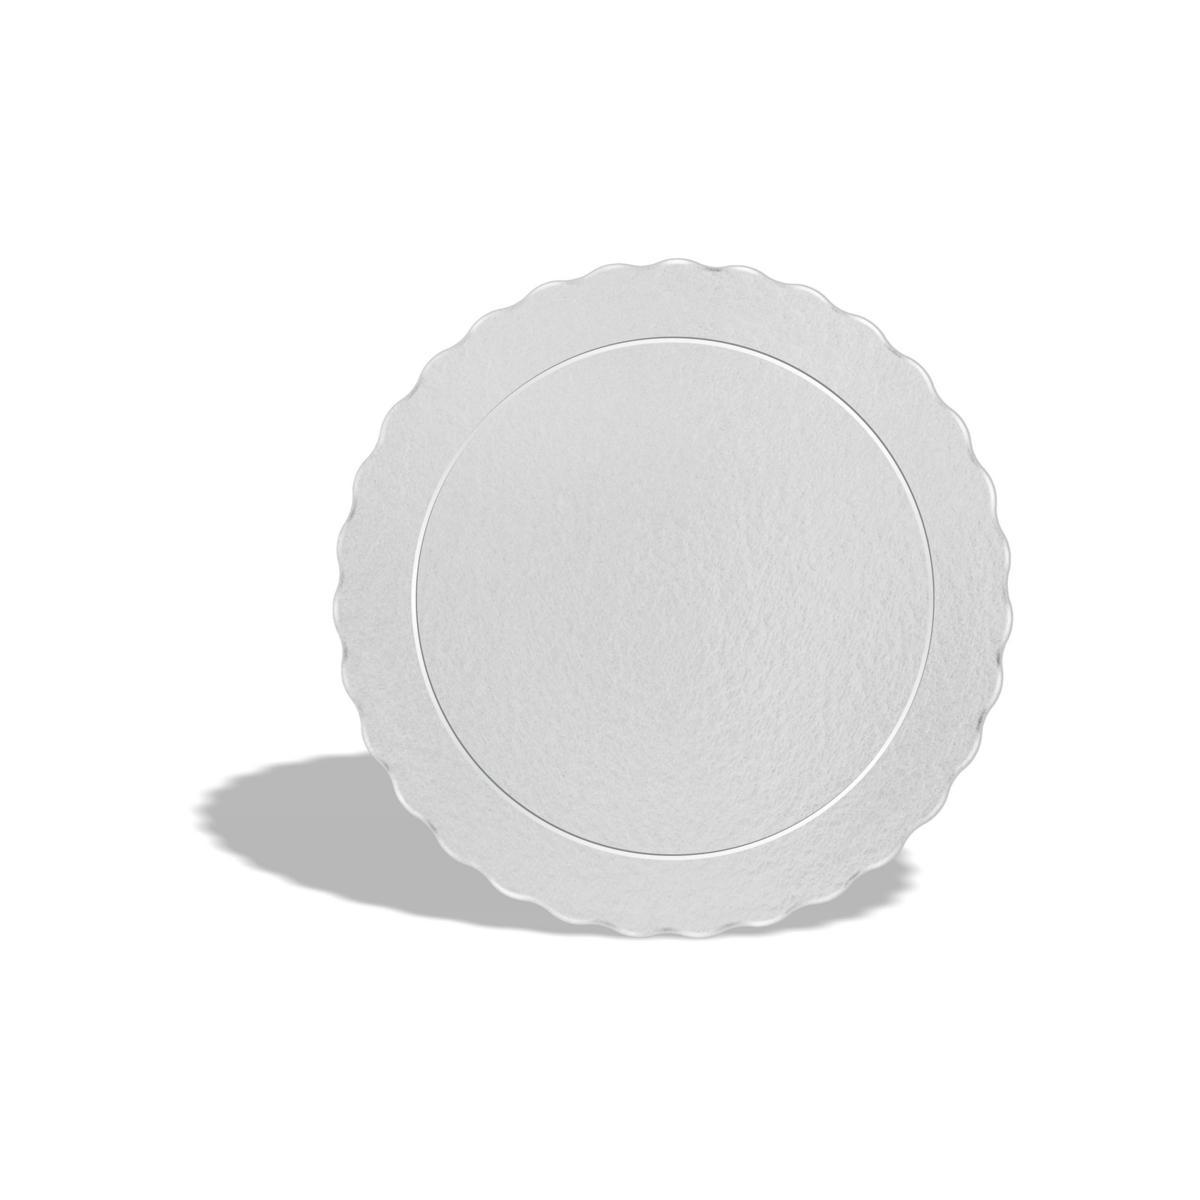 100 Bases Laminadas Para Bolo Redondo, Cake Board 17cm - Branco